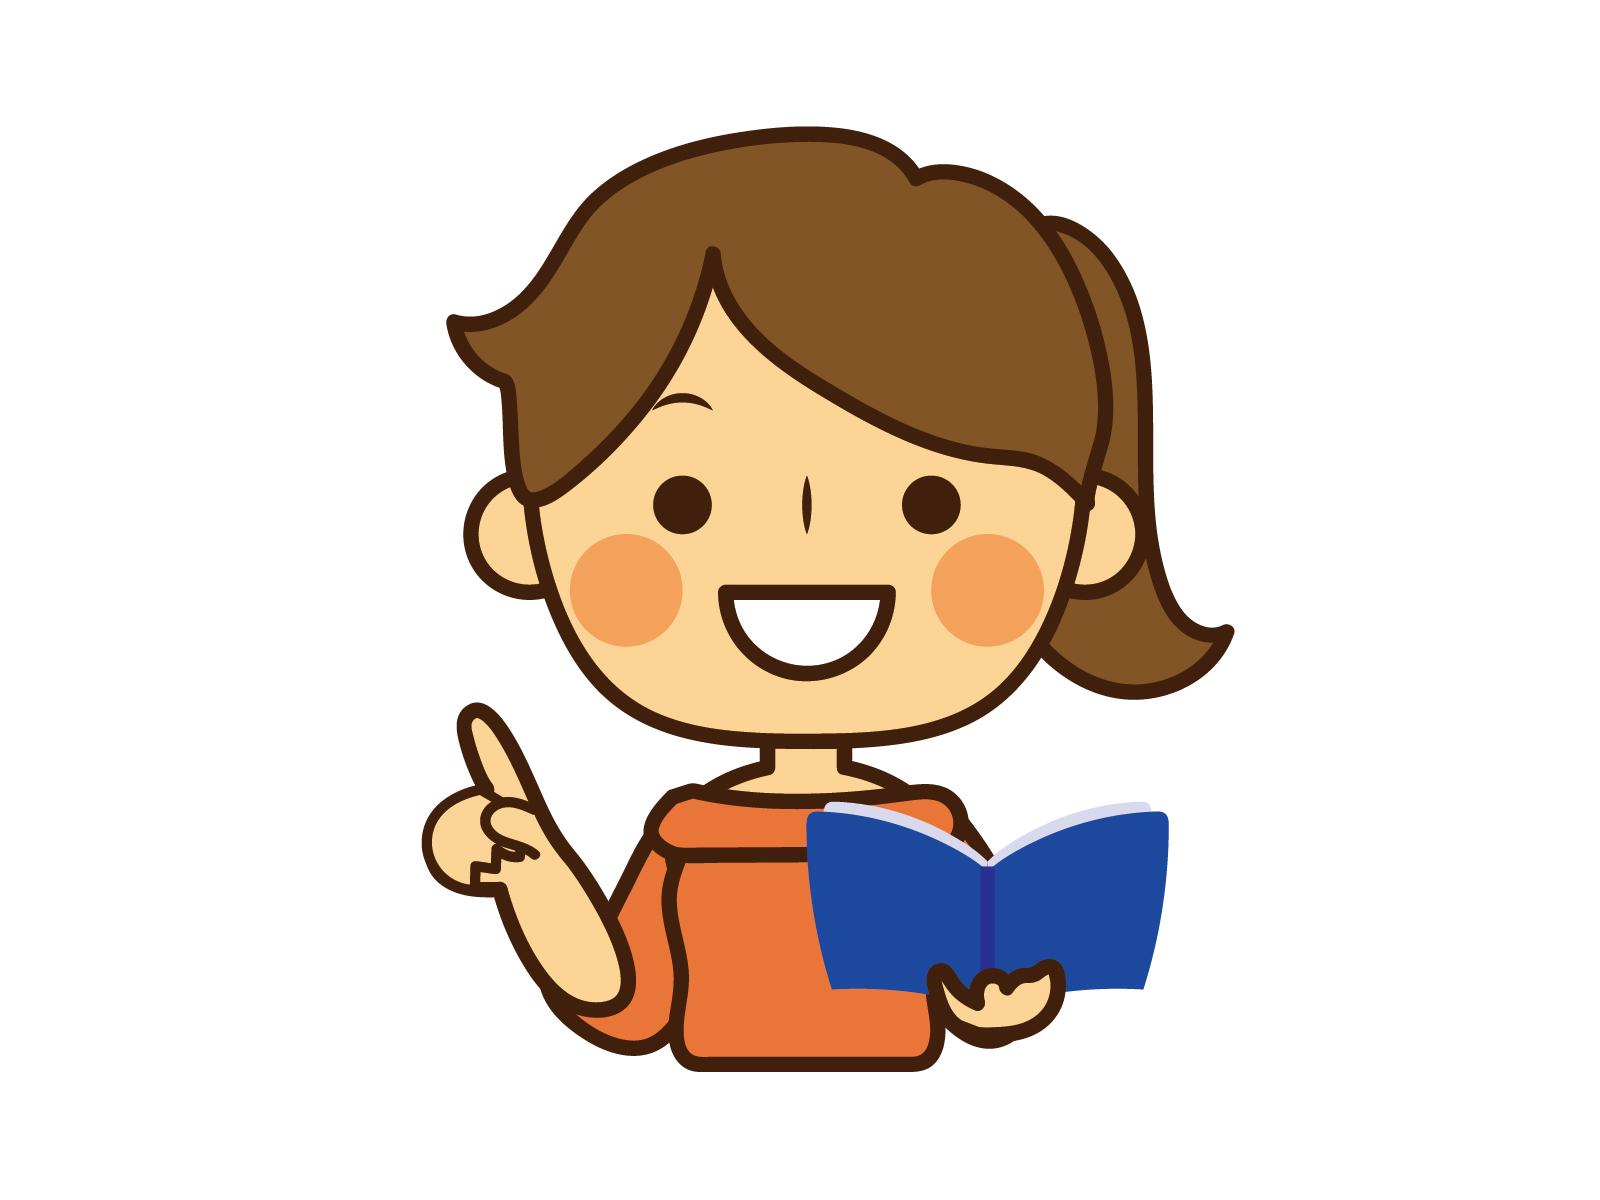 塾の体験授業について解説!【持ち物・服装・親の同伴・断り方など】